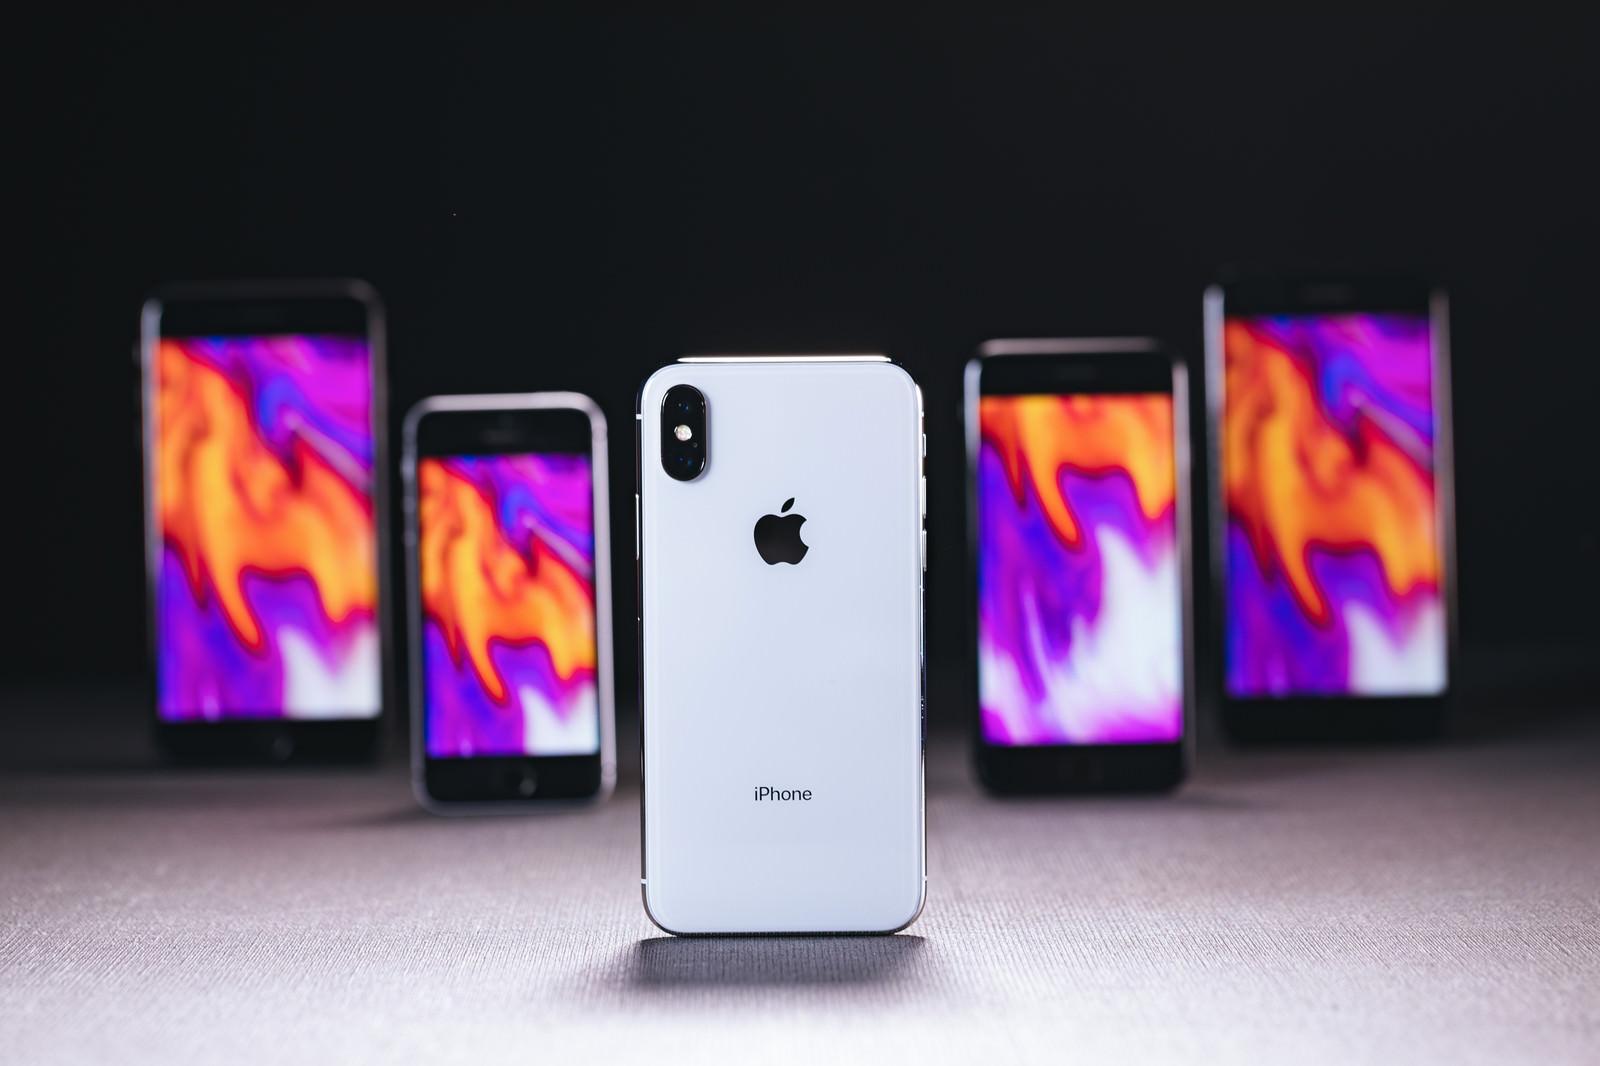 「iPhone X の背面と待受設定した他の iPhone」の写真